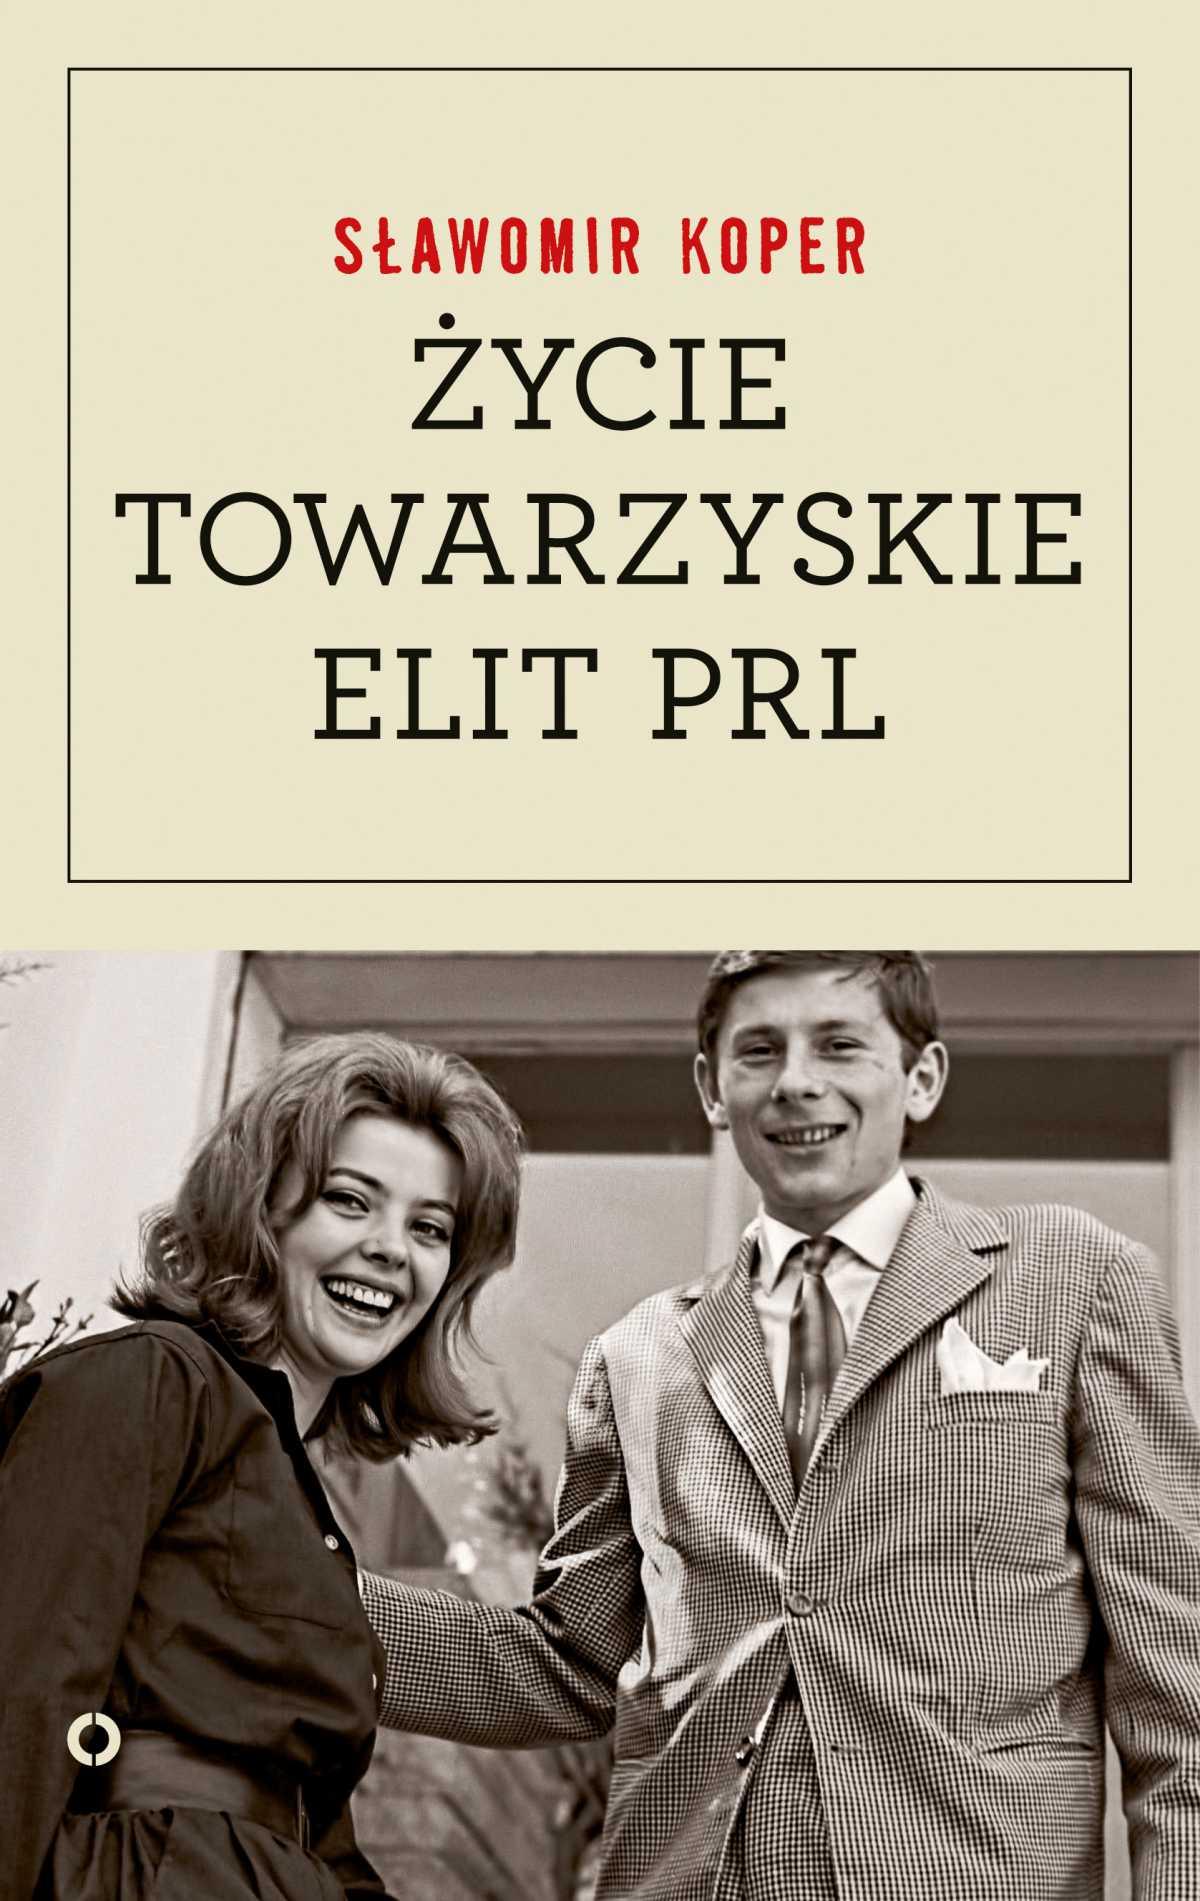 Życie towarzyskie elit PRL - Ebook (Książka EPUB) do pobrania w formacie EPUB